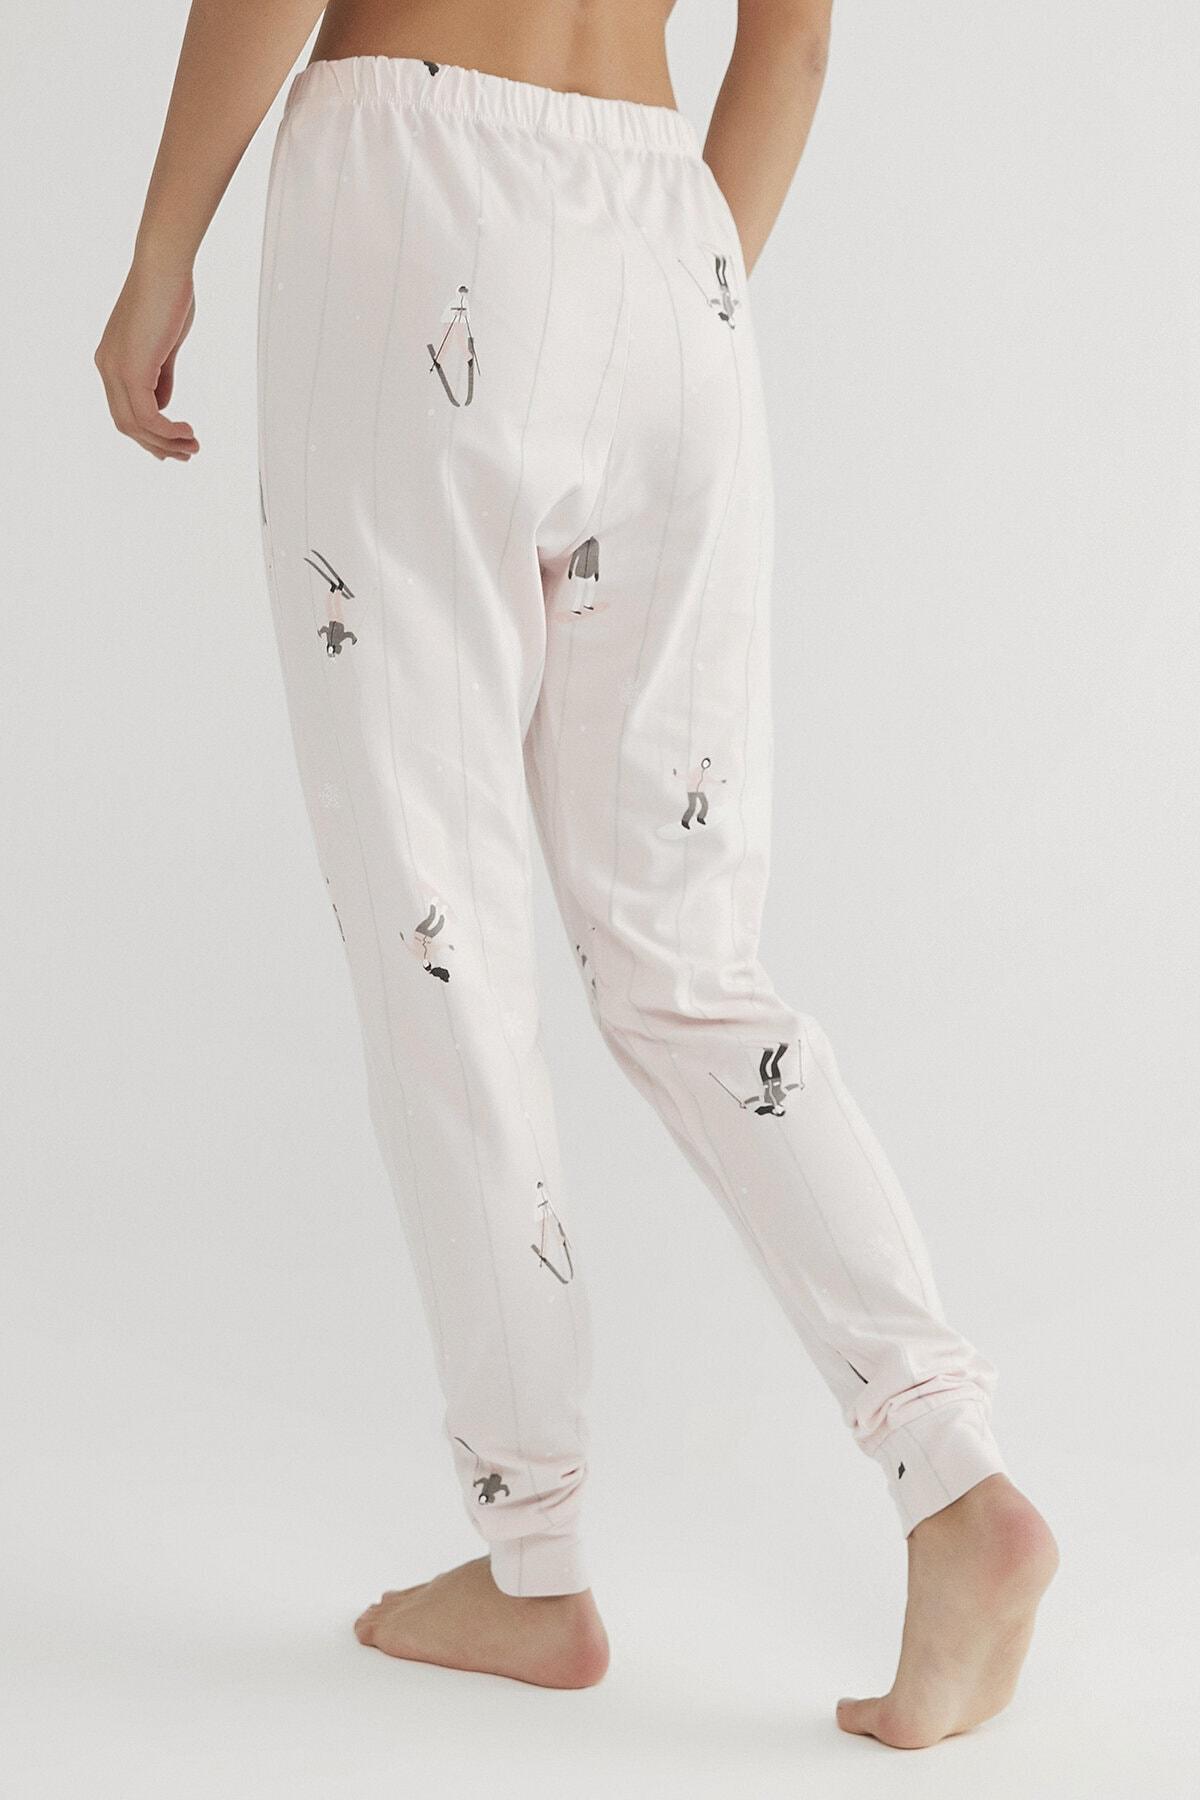 Penti Pembe Hot Tech Winter Joy Pantolon 2